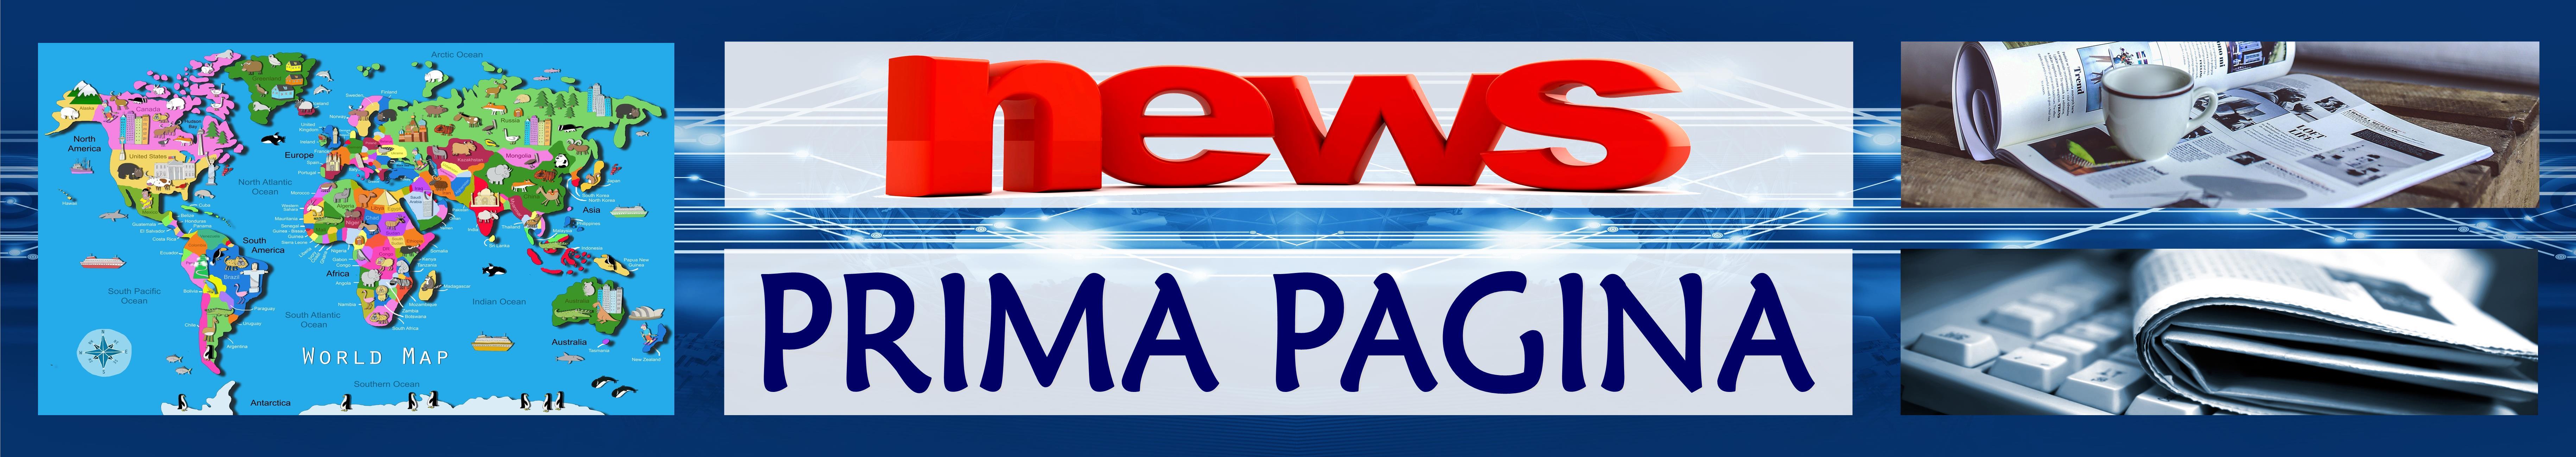 News Testata